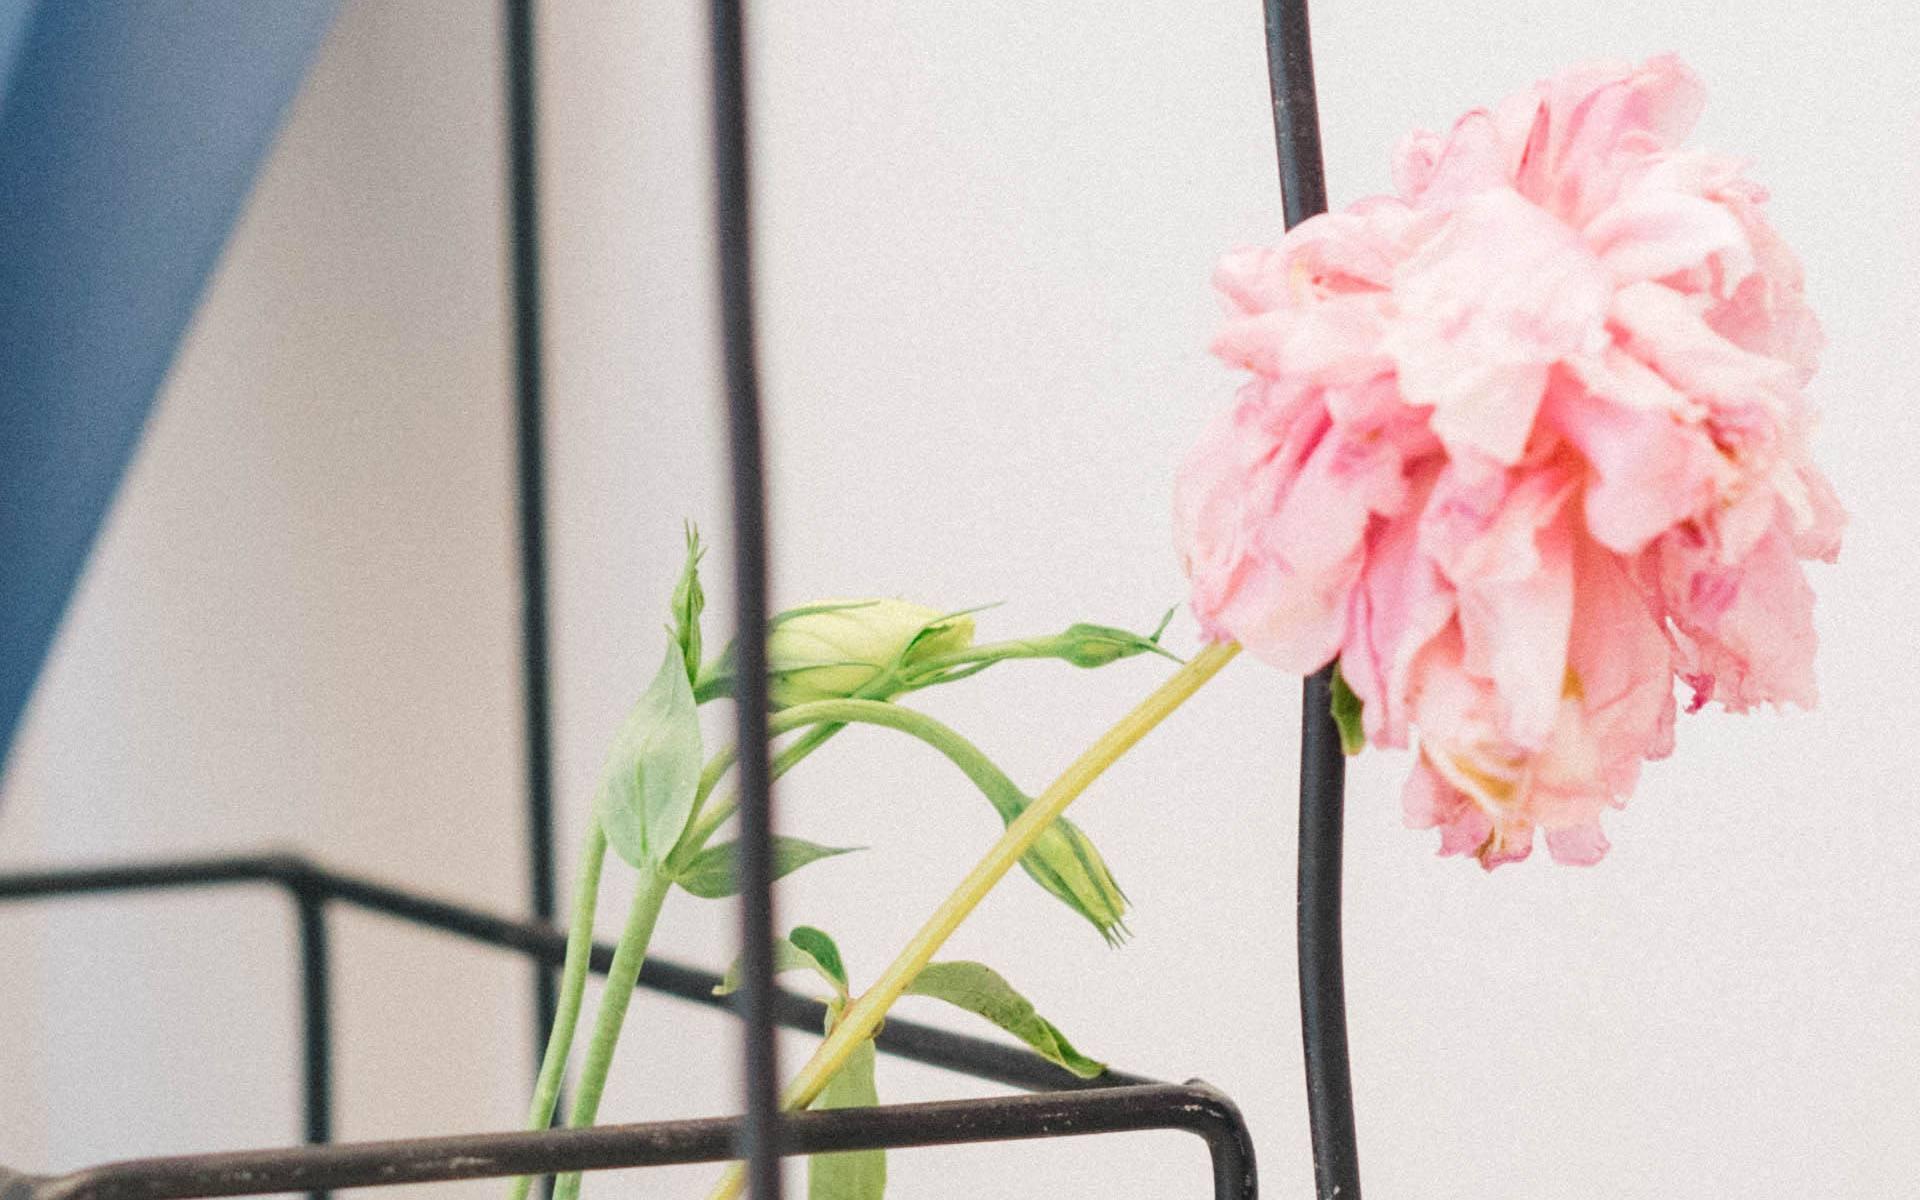 午安心语正能量优美的句子:每一次的蜕变都会有成长的惊喜